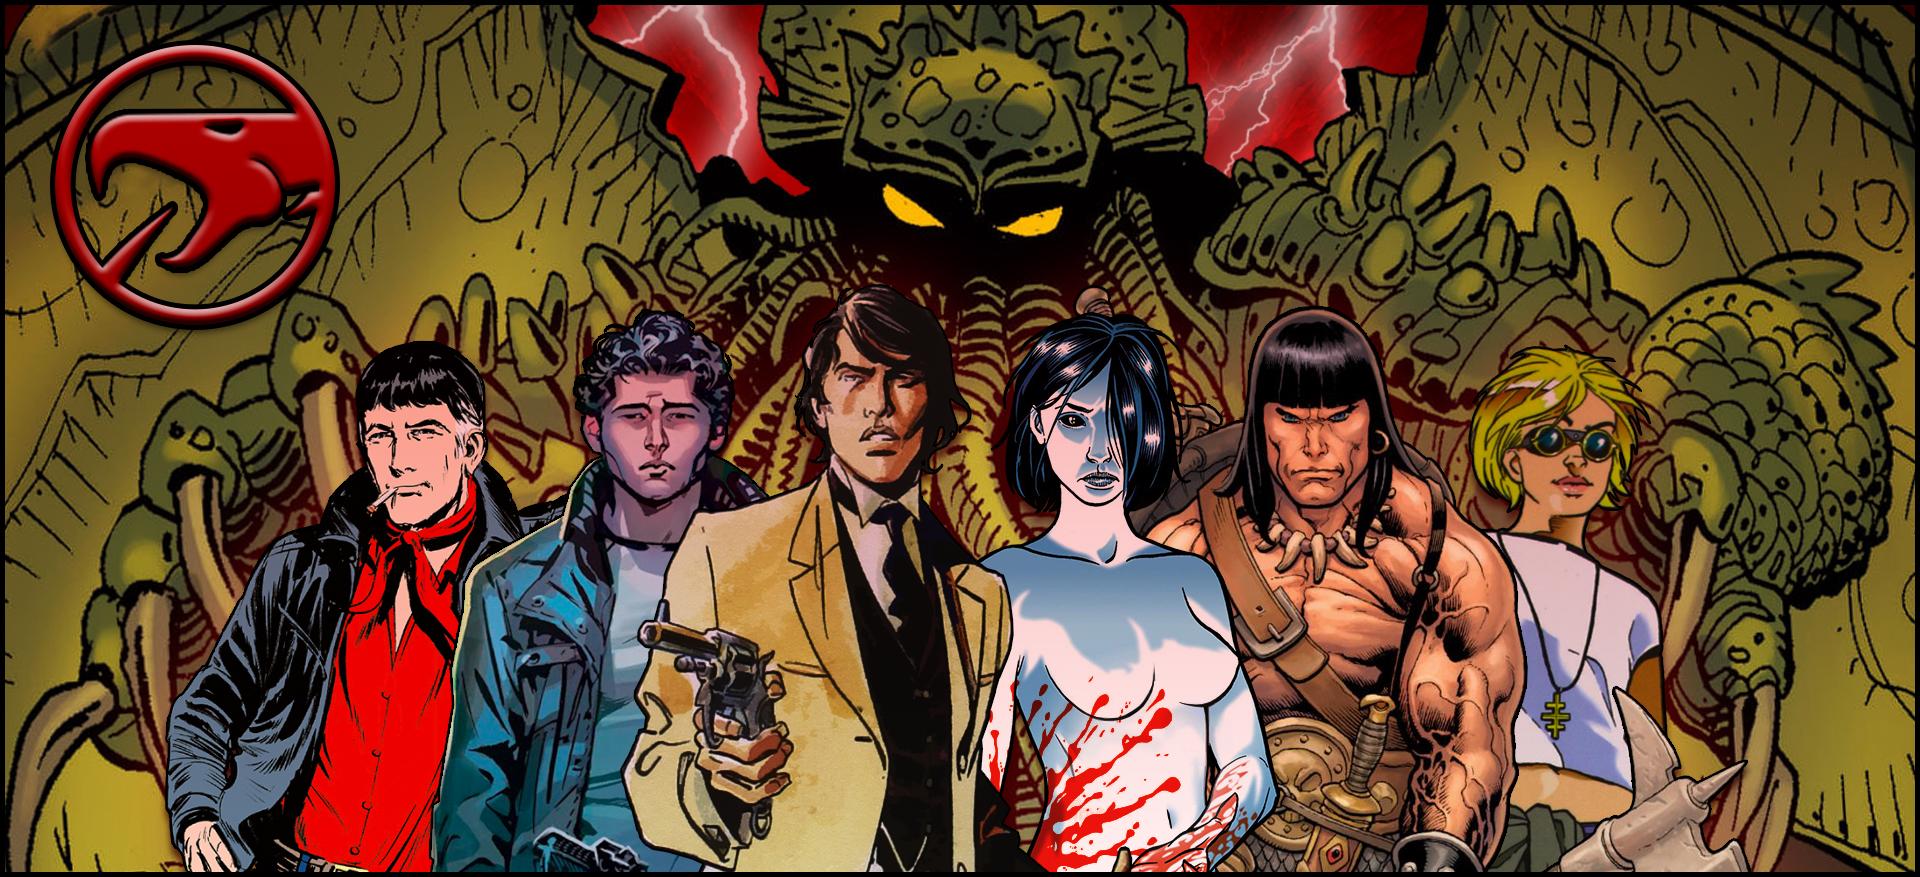 VortCast 93 | Red Dragon Publisher: Conan, Bonelli e o Mercado Editorial